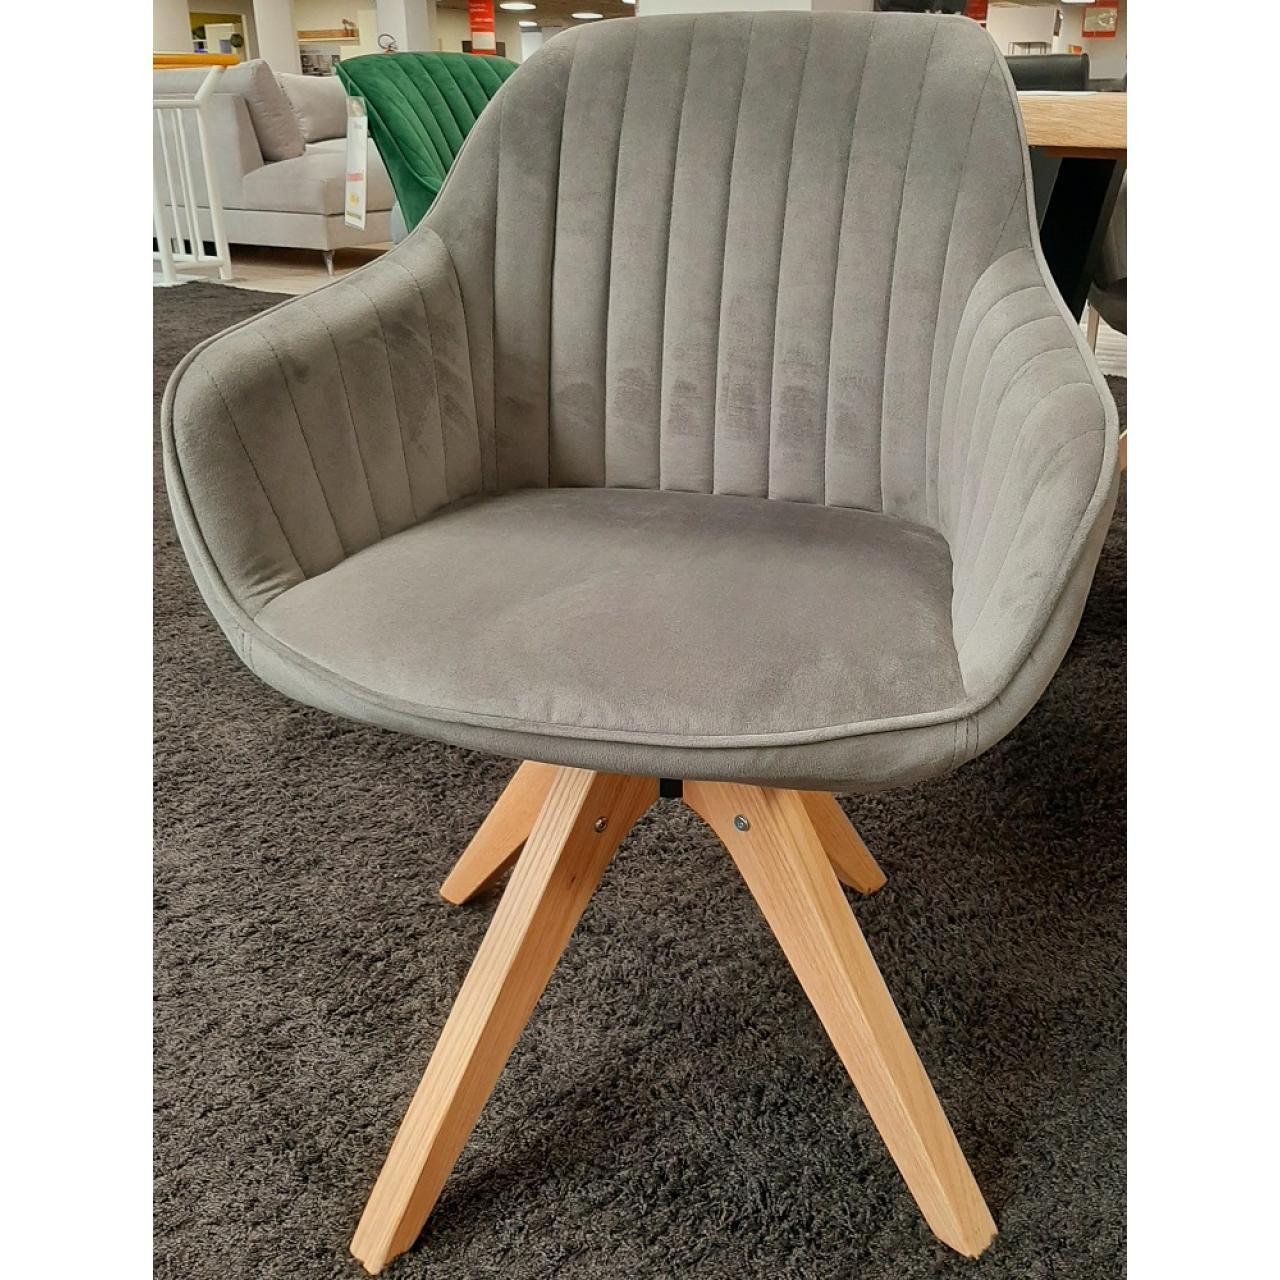 Esszimmerstuhl Grau 370/27 Chill verschiedene Farben Armlehnenstuhl Ohrensessel Stuhl Sessel